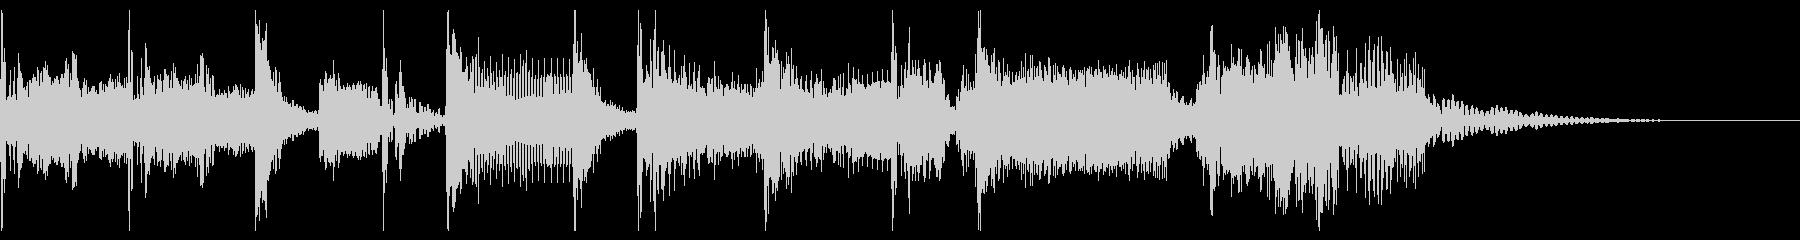 ロック調の短いジングルの未再生の波形